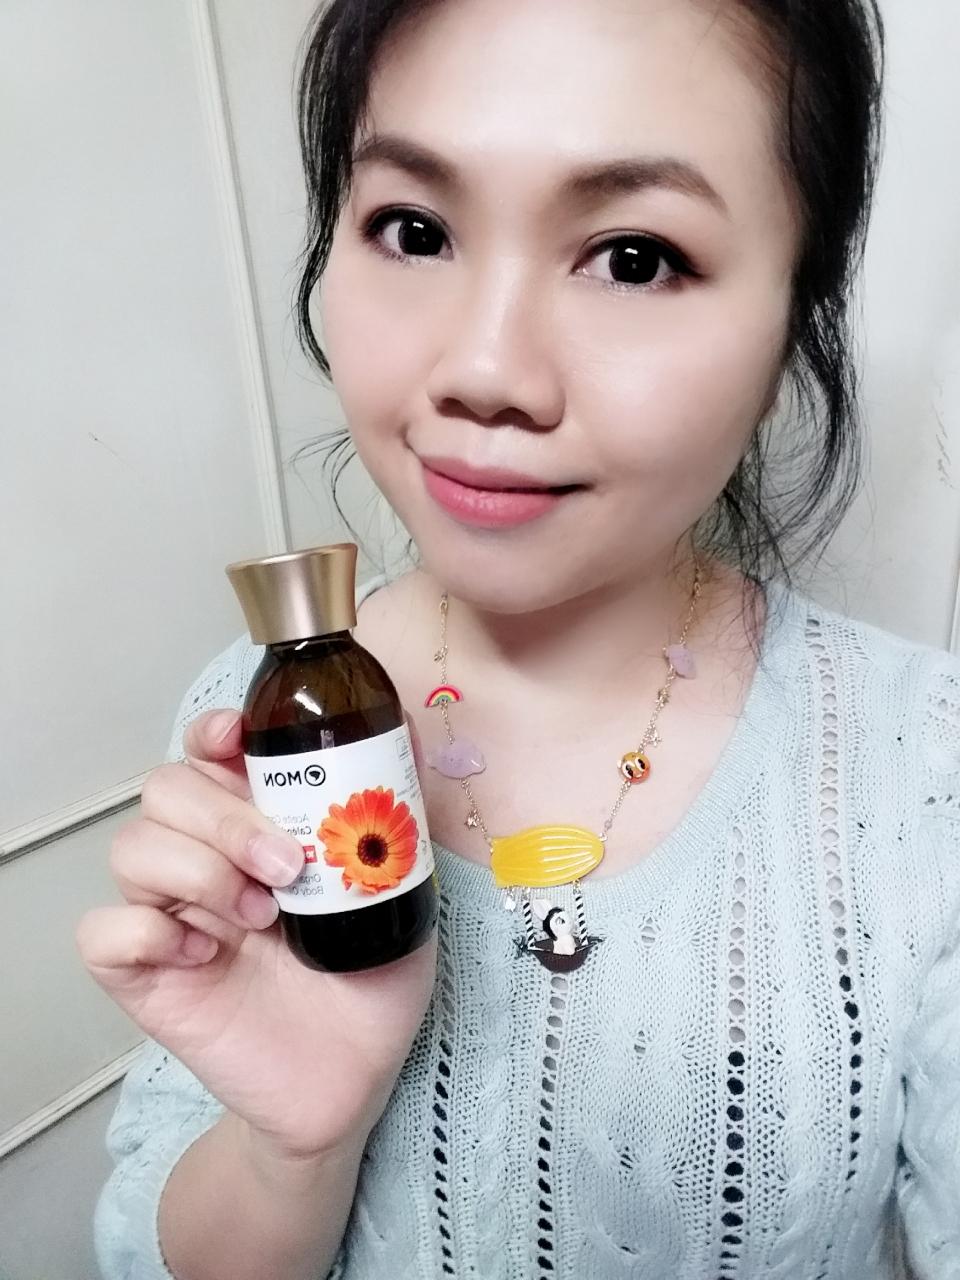 【♥ MON ♥】濕疹肌恩物。舒緩滋養炎症肌膚